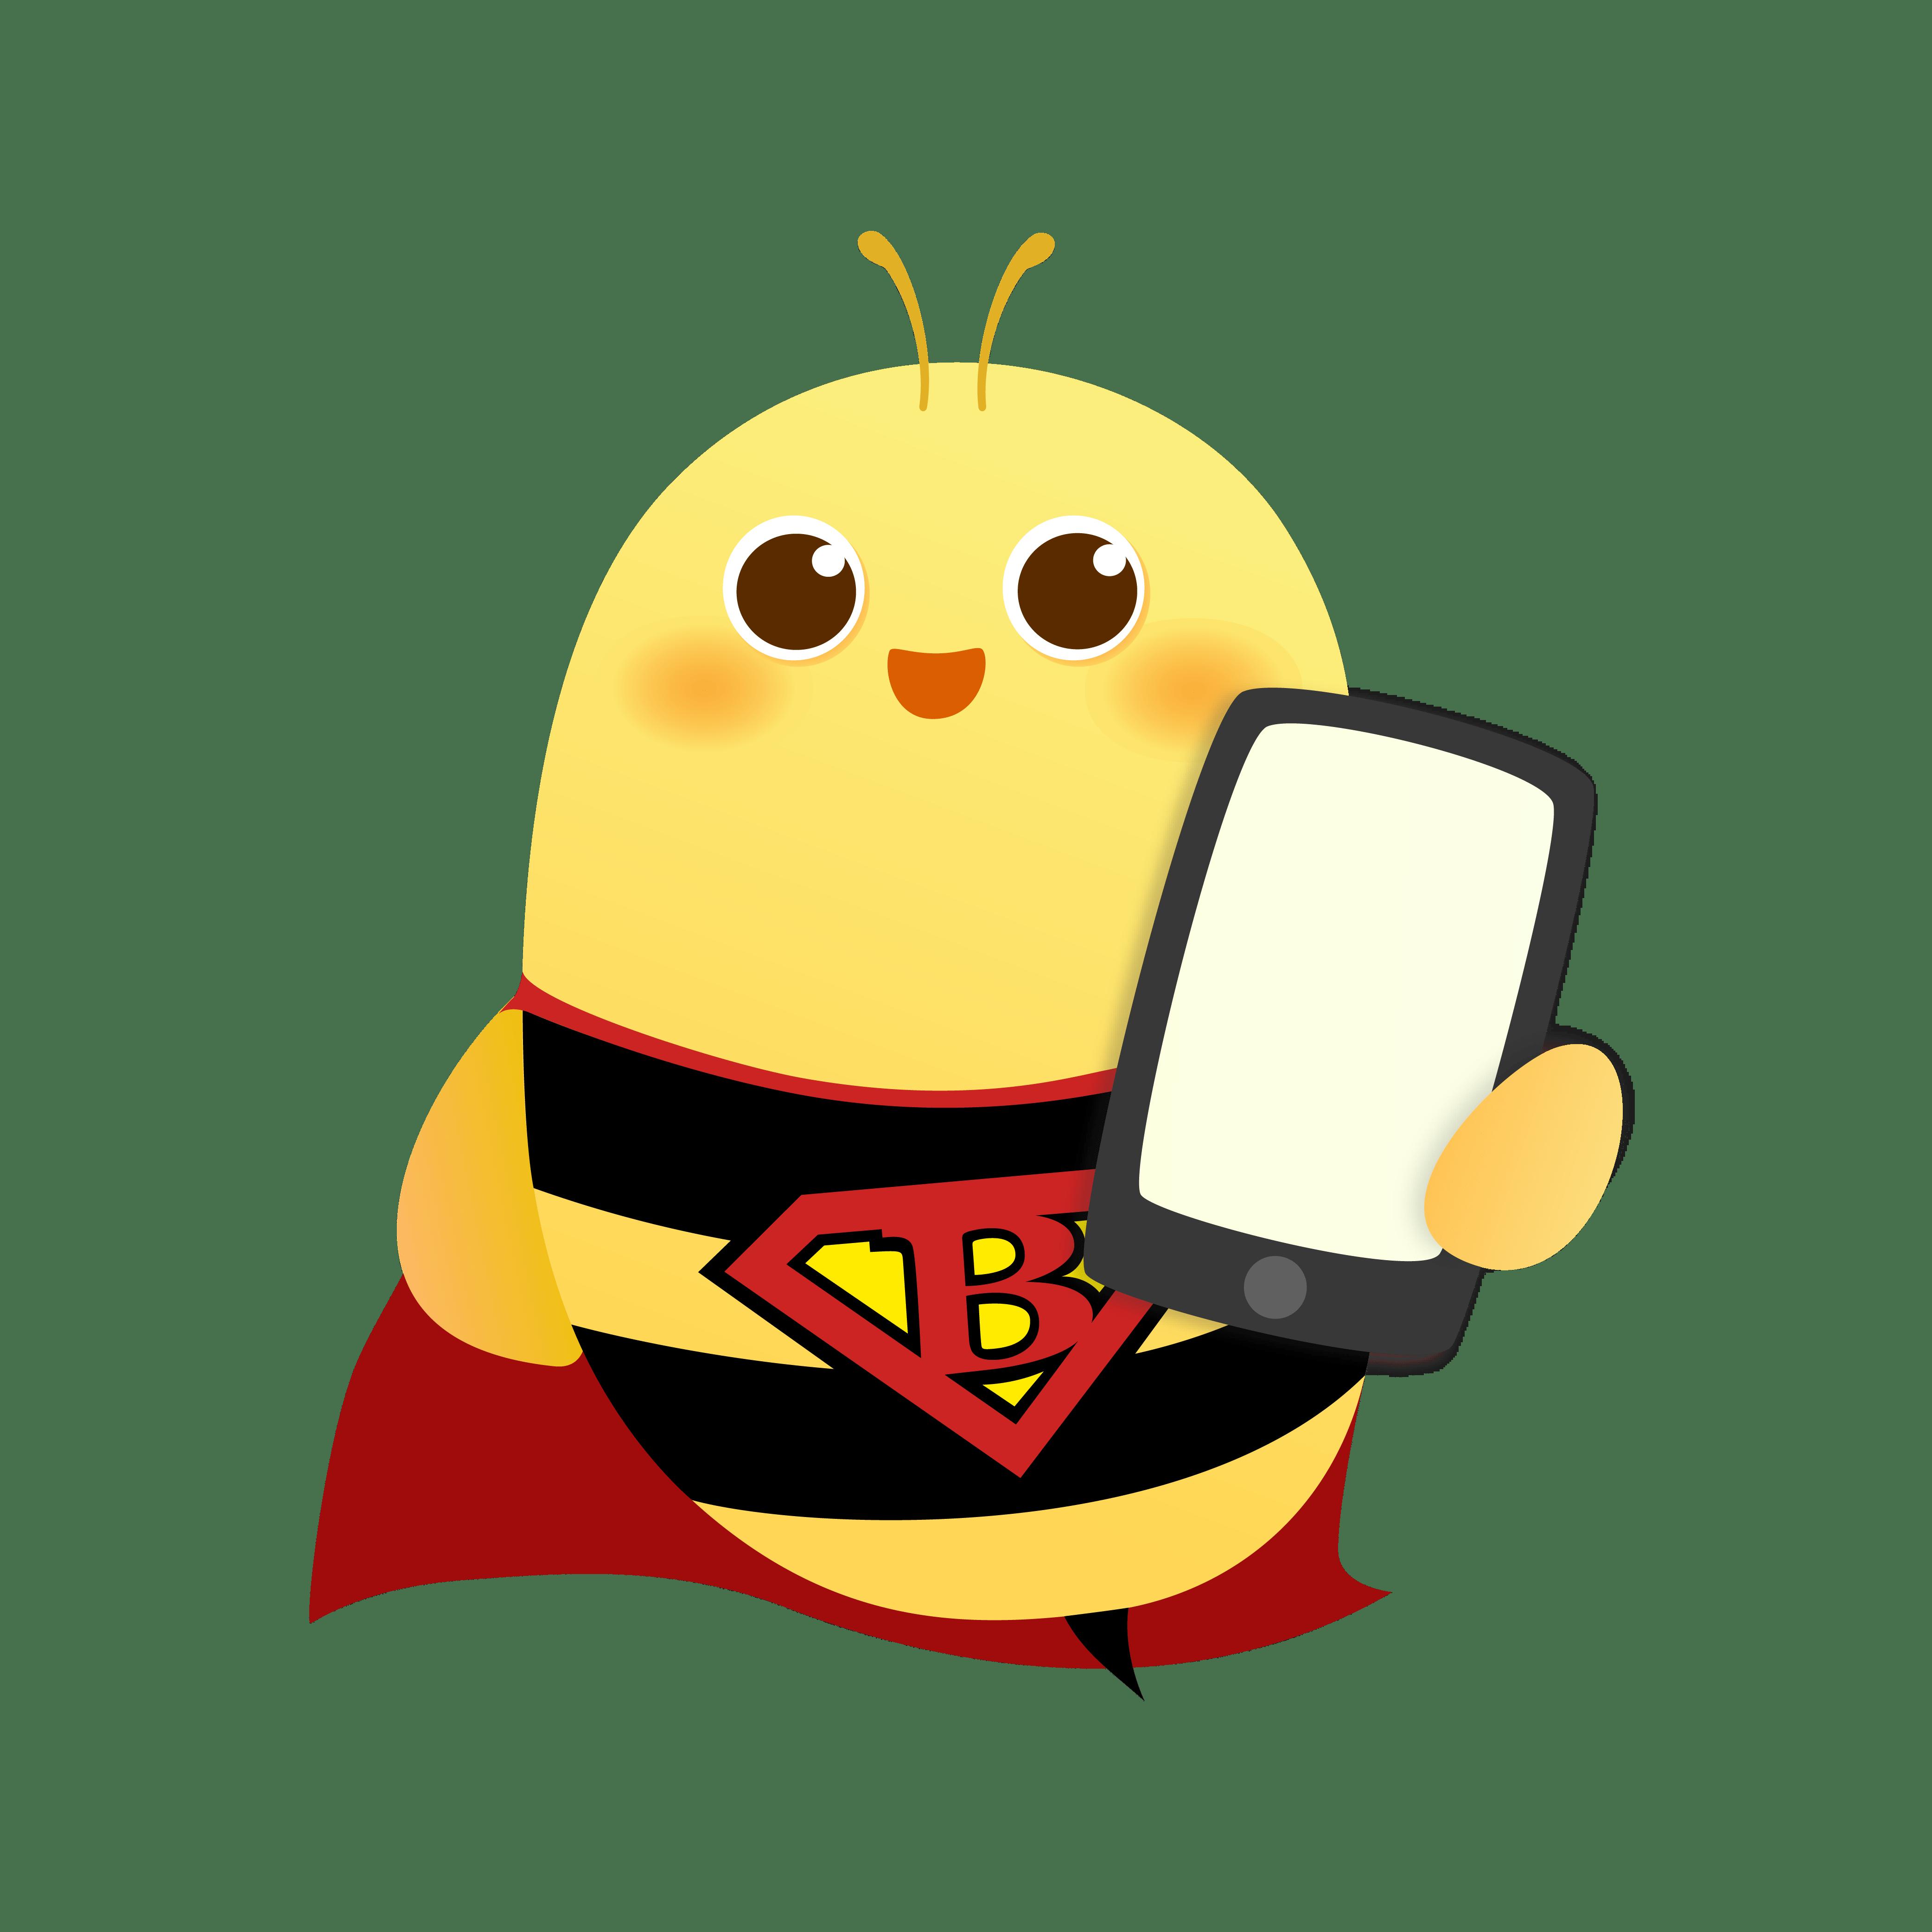 bee mascot holding phone